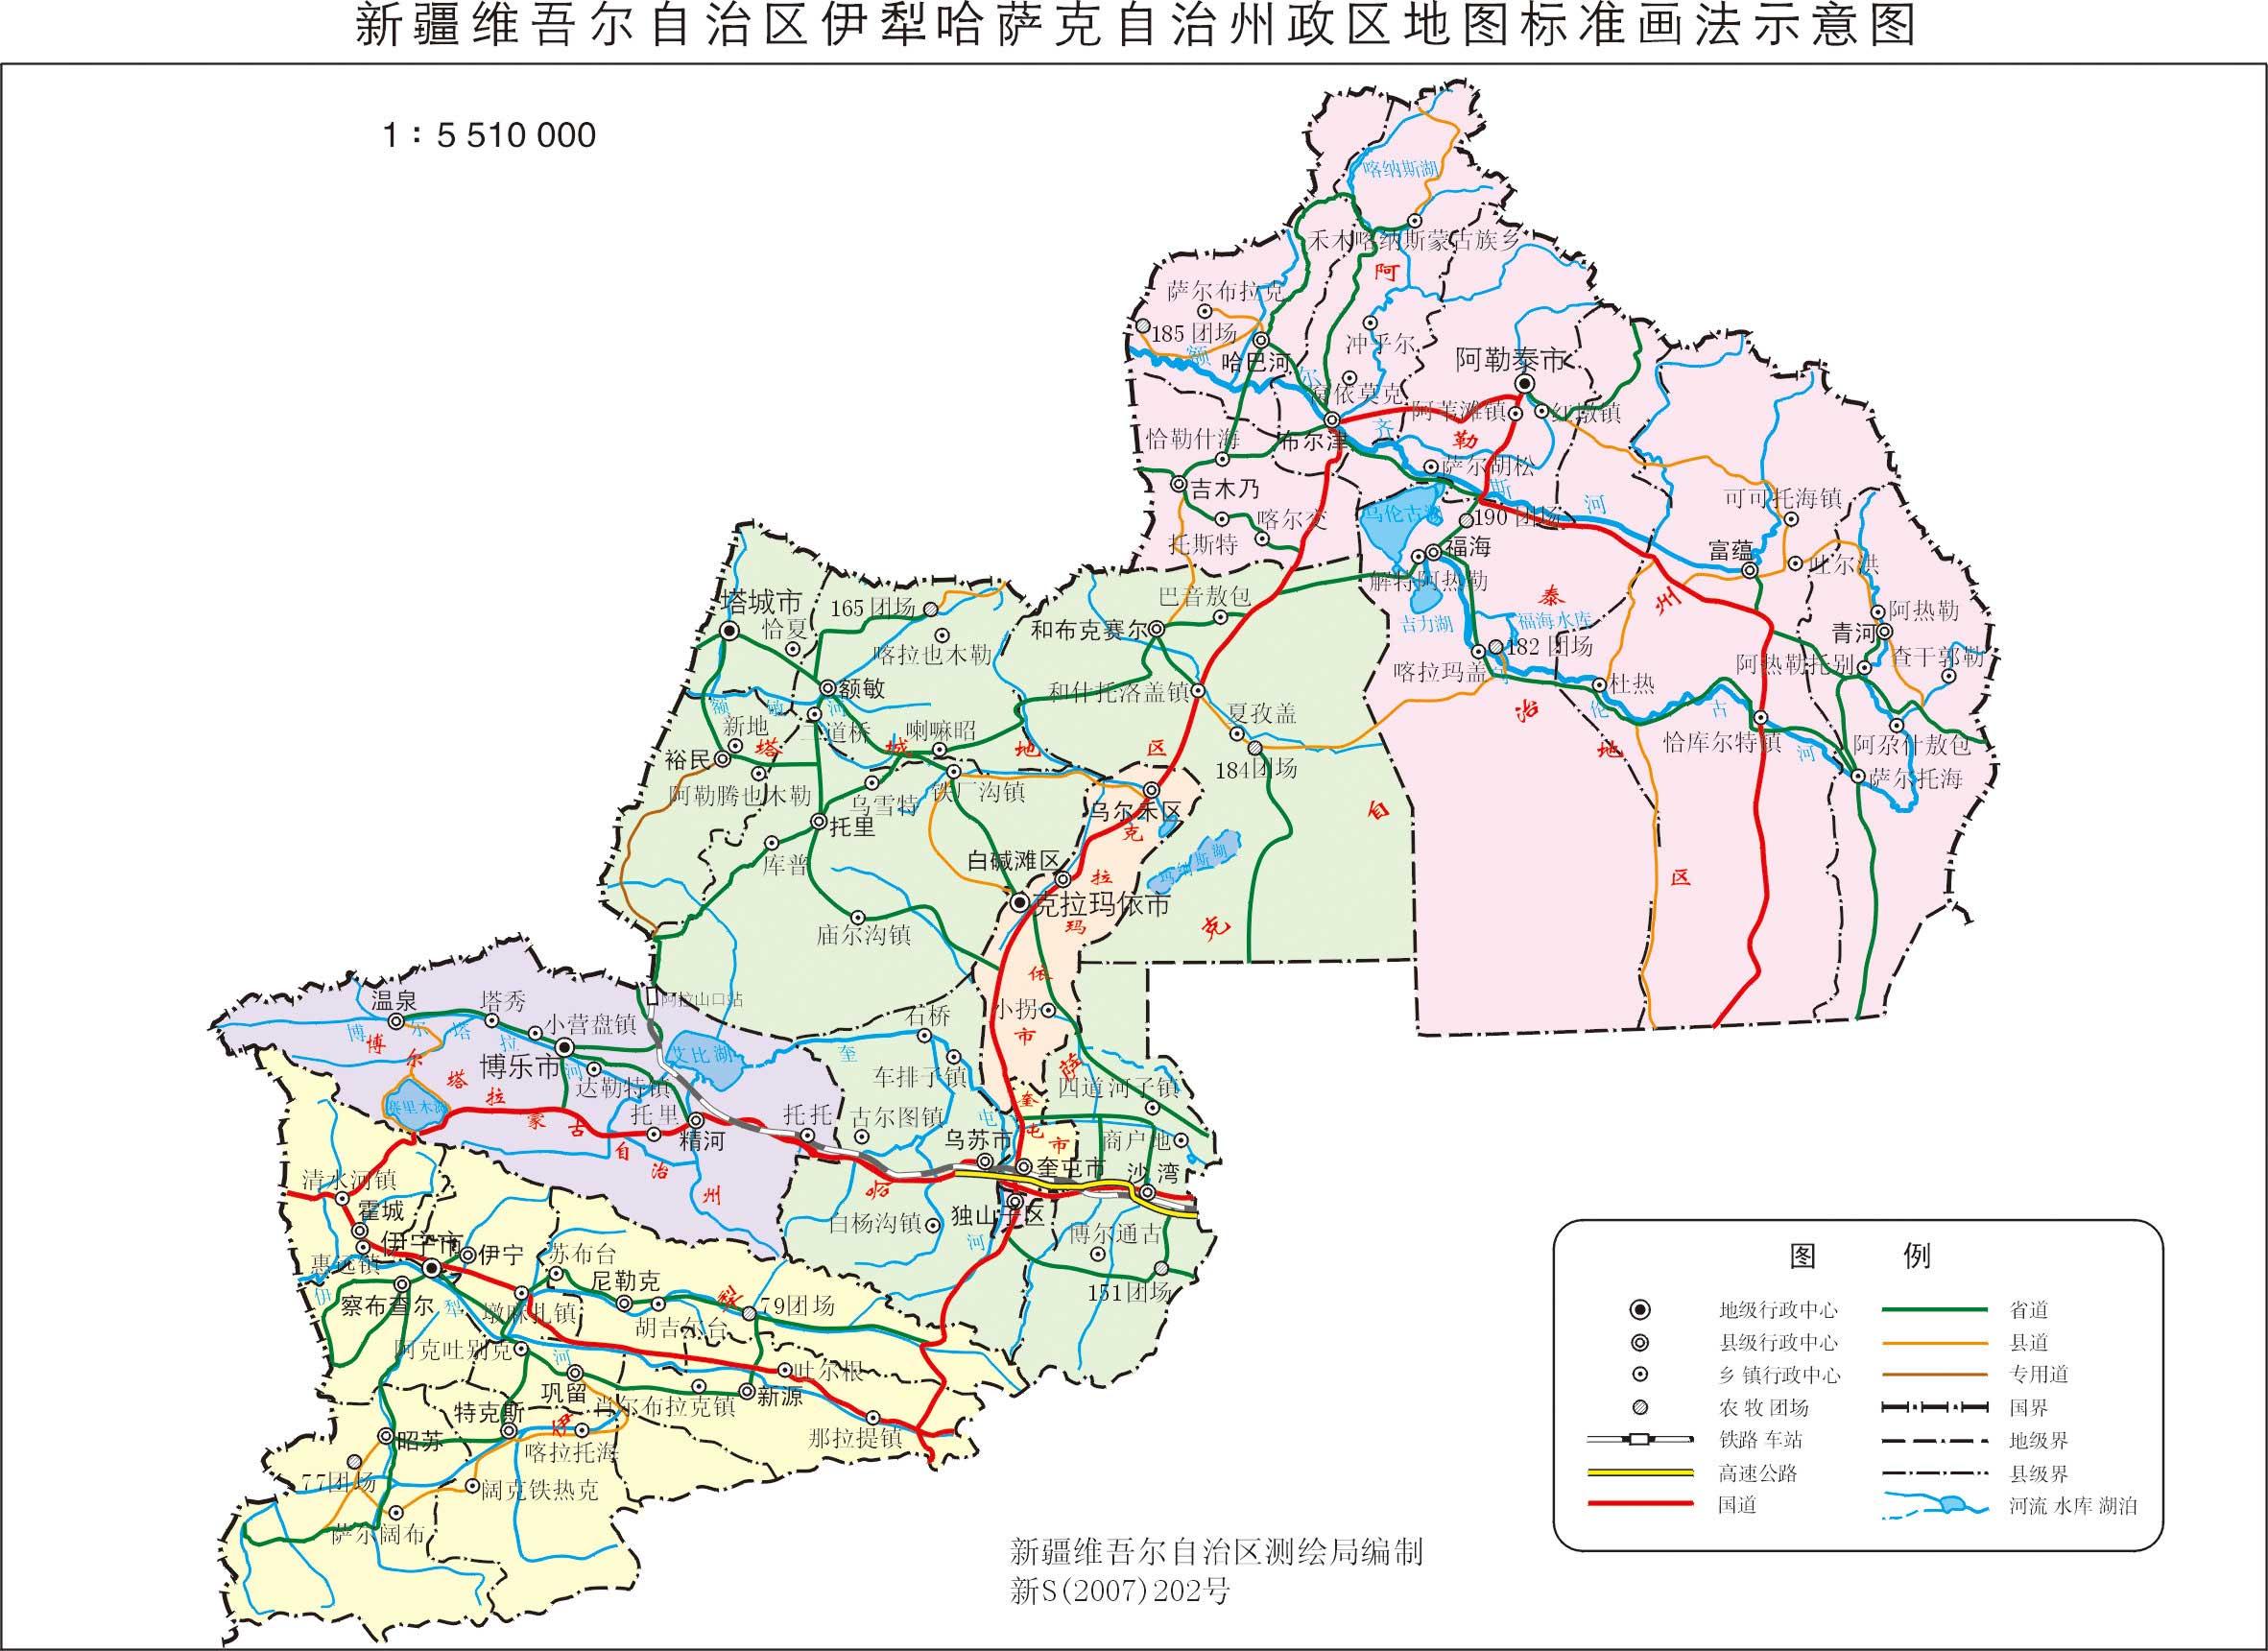 新疆伊犁州政区地图